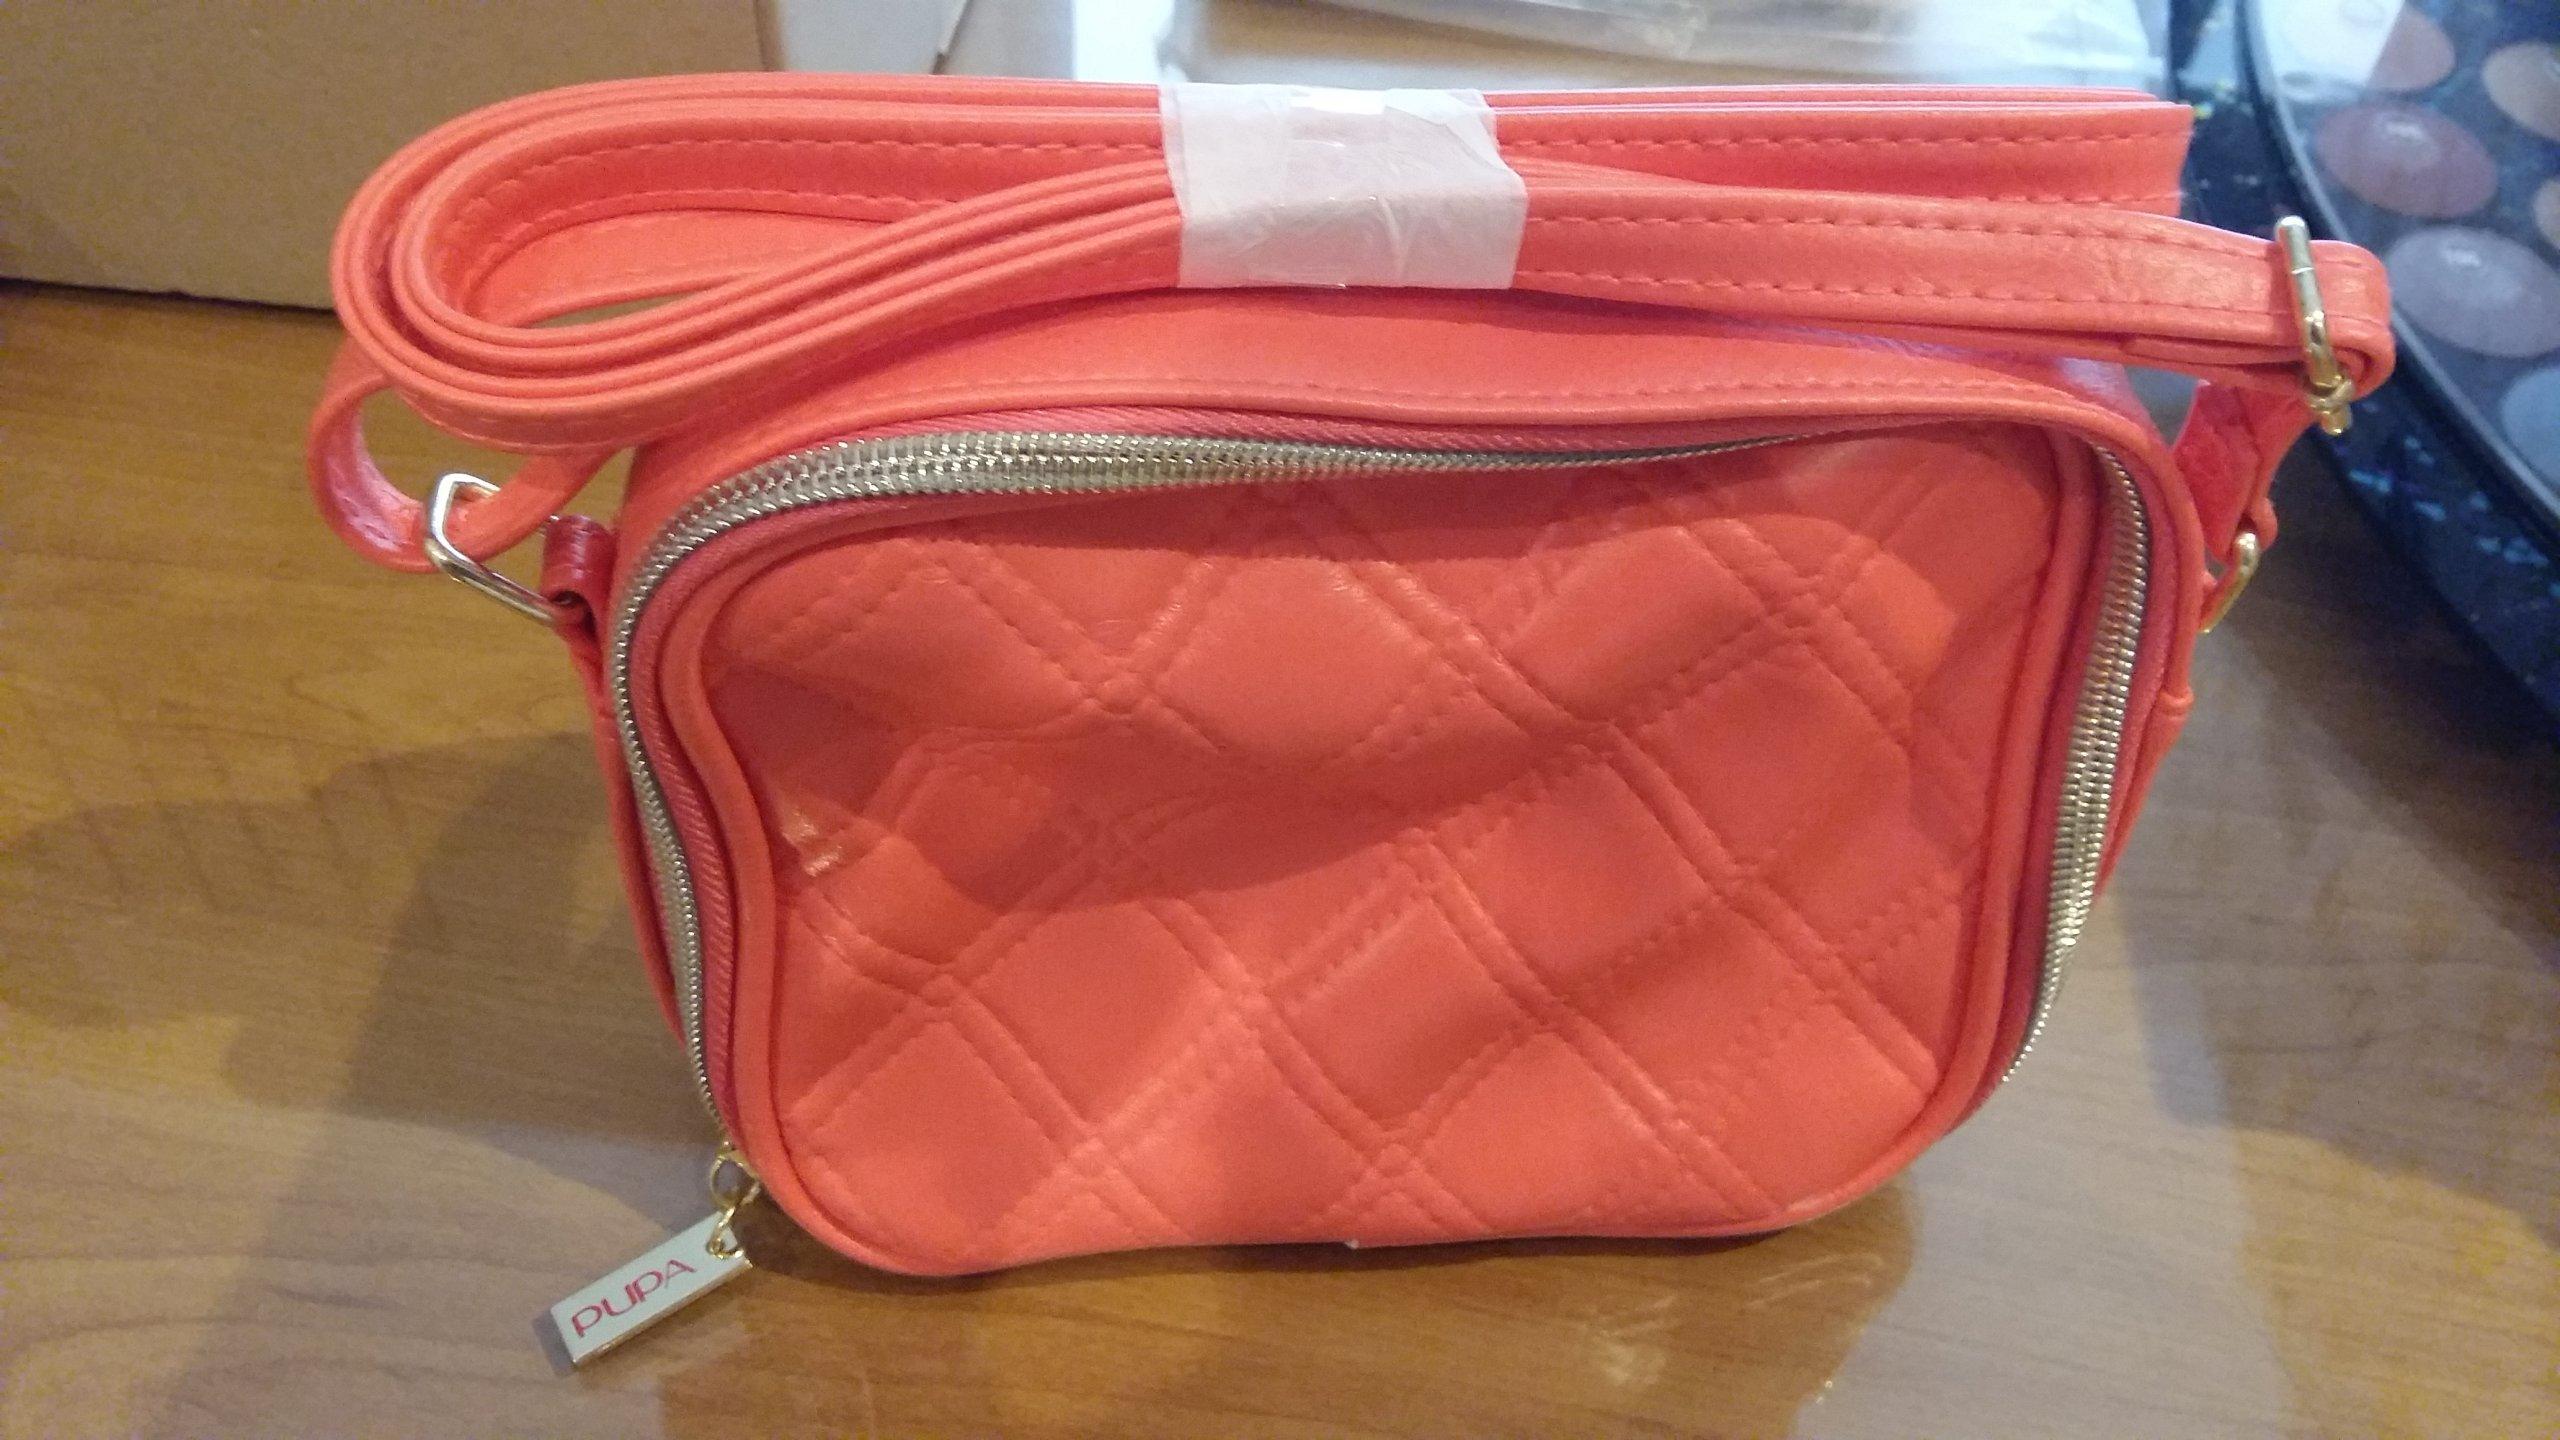 051289dec3a4d Nowe torebki damskie włoskiej firmy PUPA r. kolory - 7111165224 ...